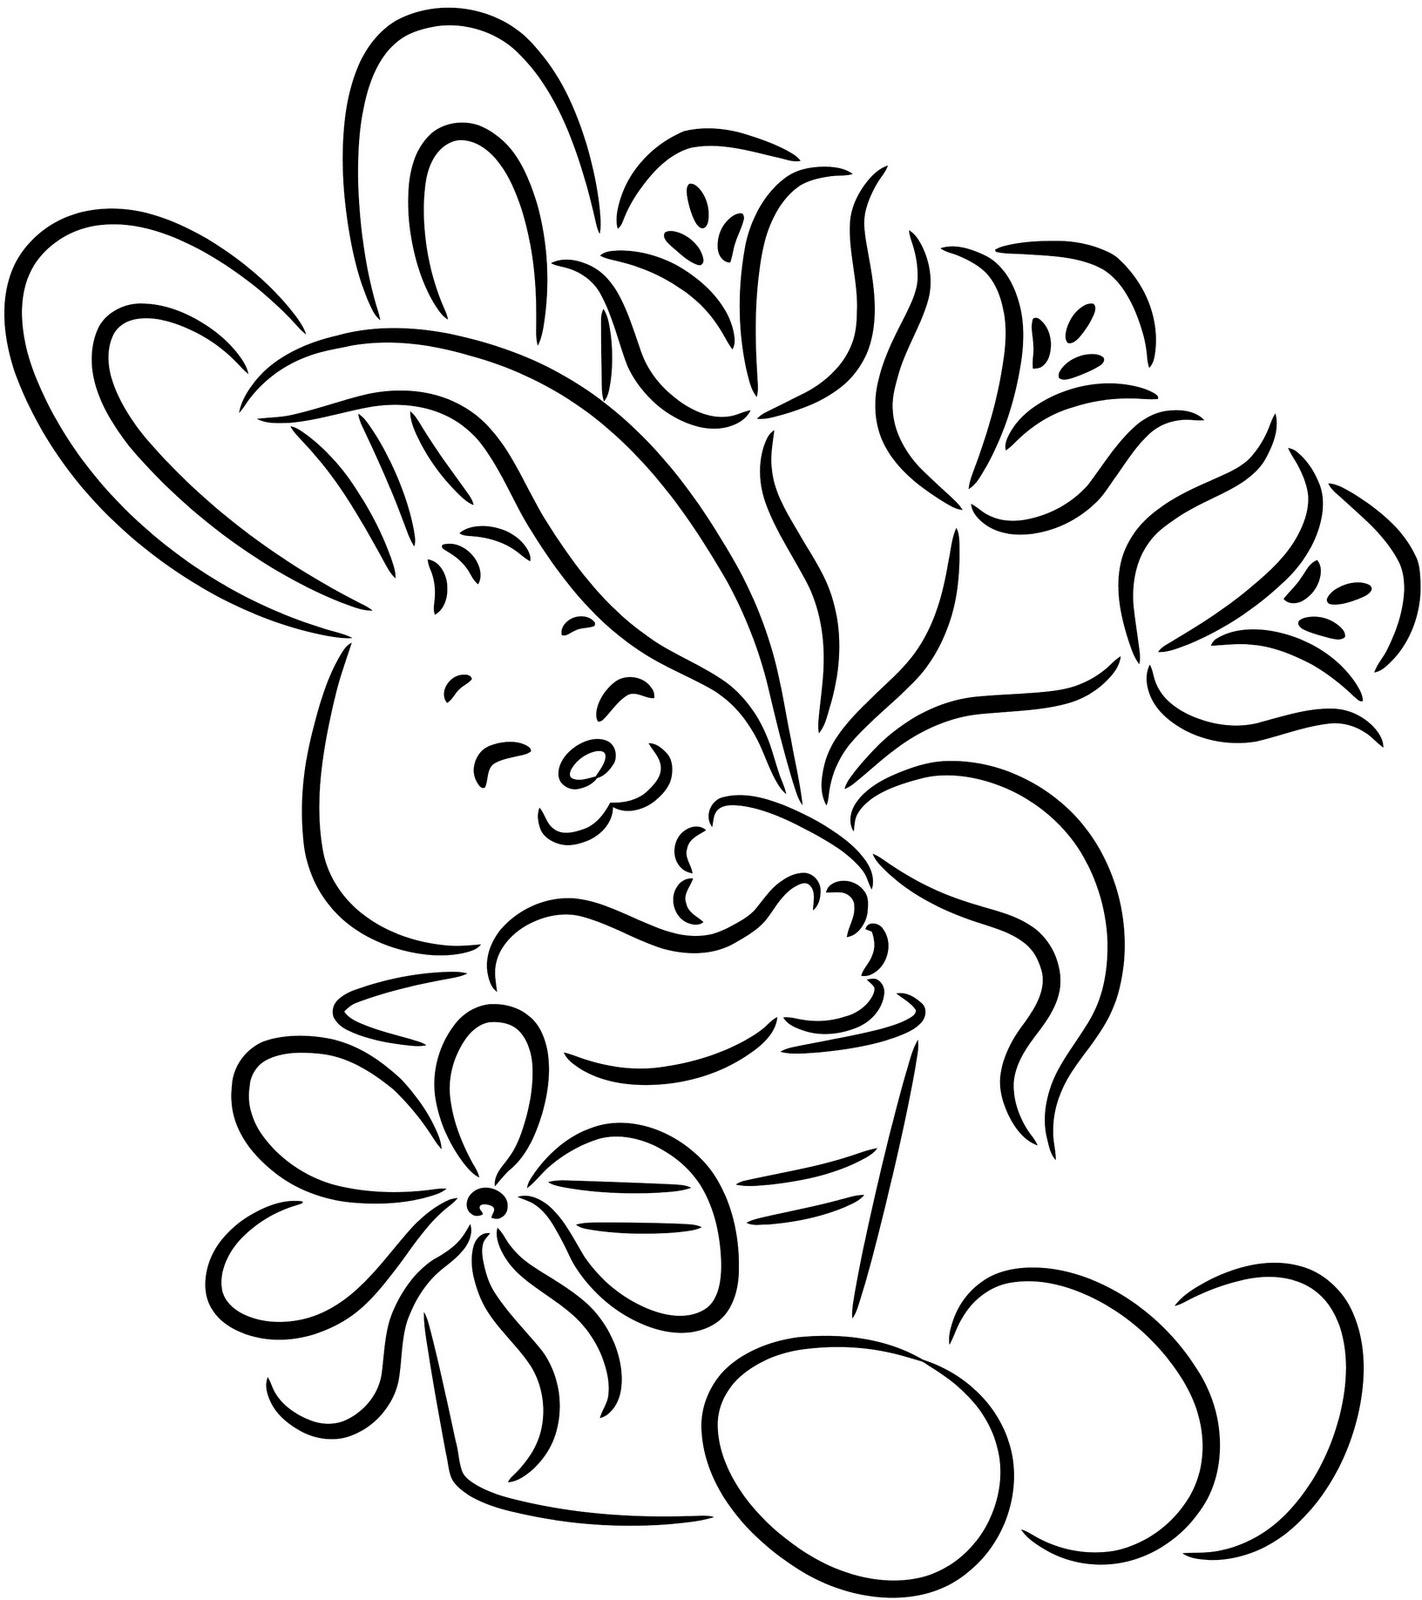 fichas de inglés para niños easter bunny coloring pages